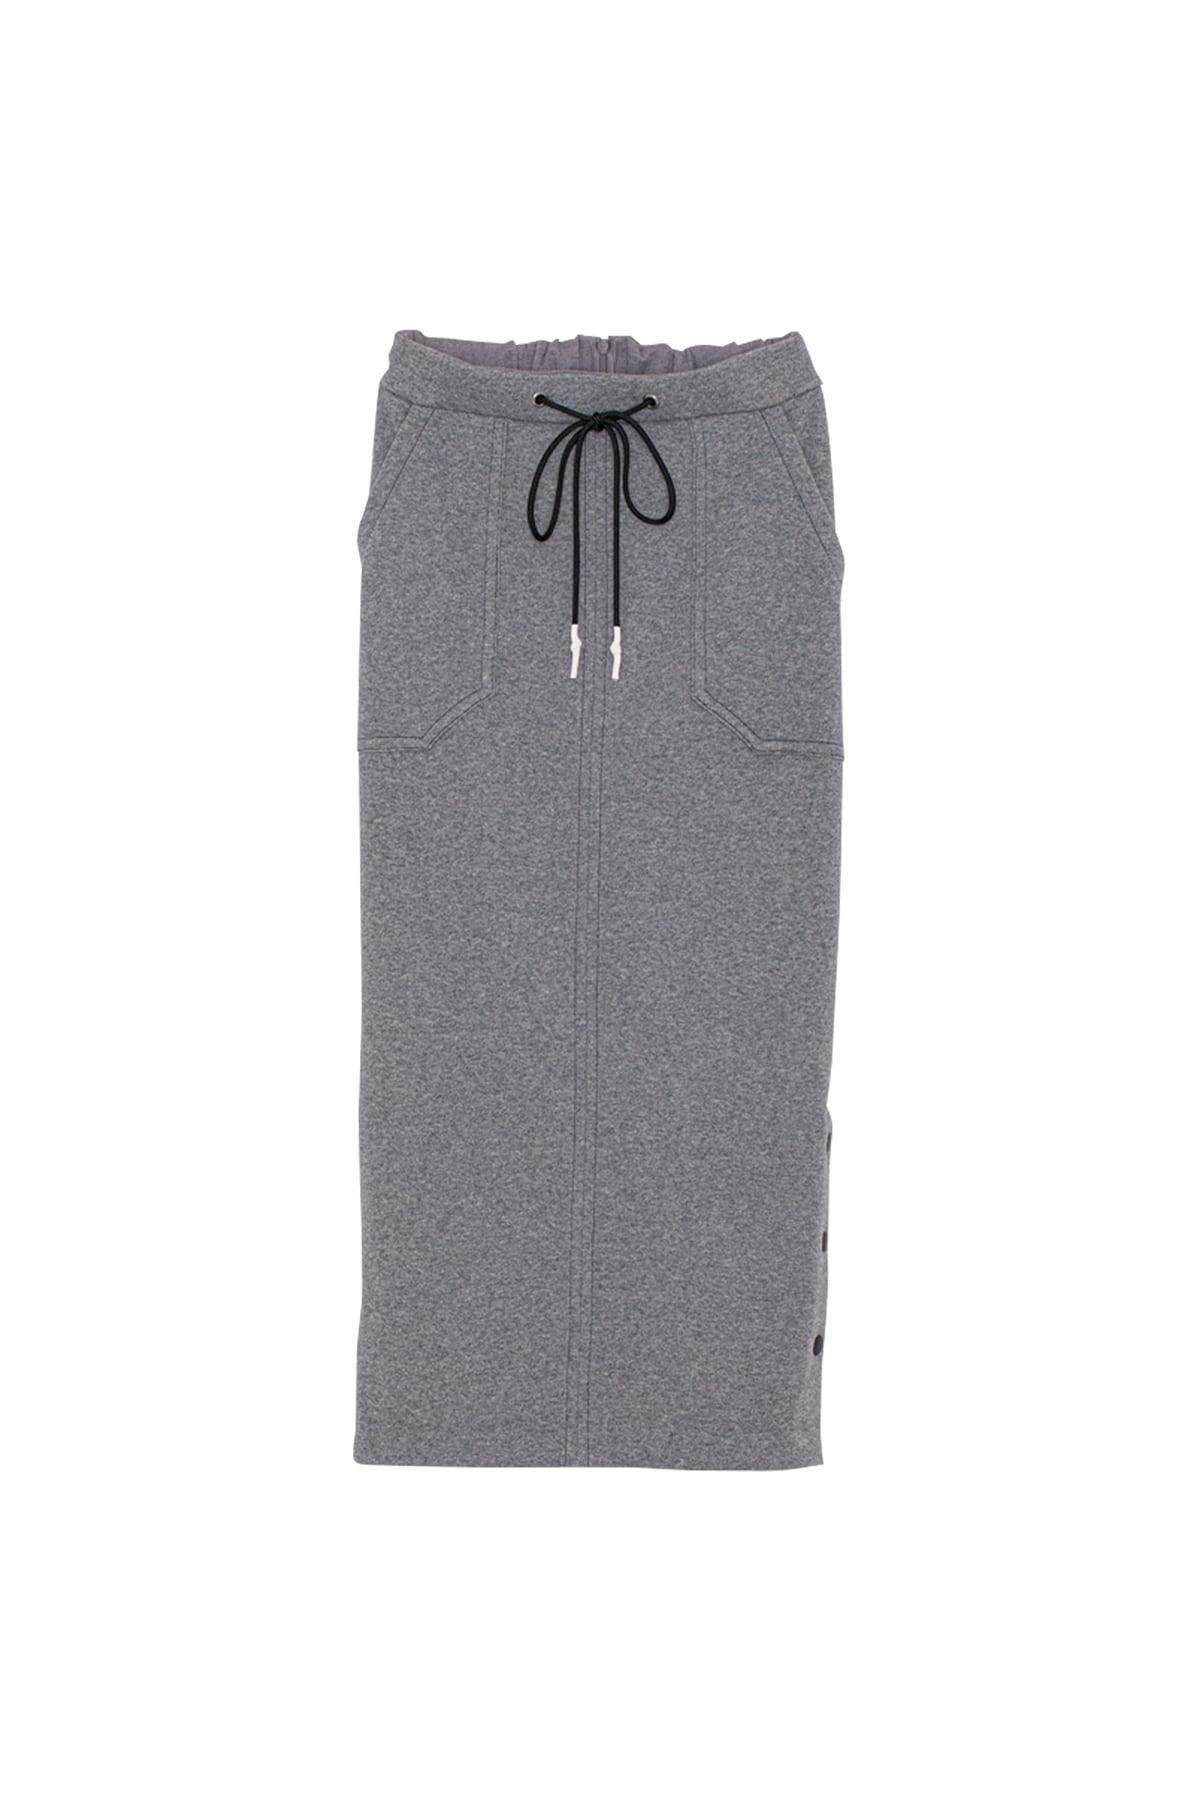 ソフトサーモジャージースカート< heather gray >